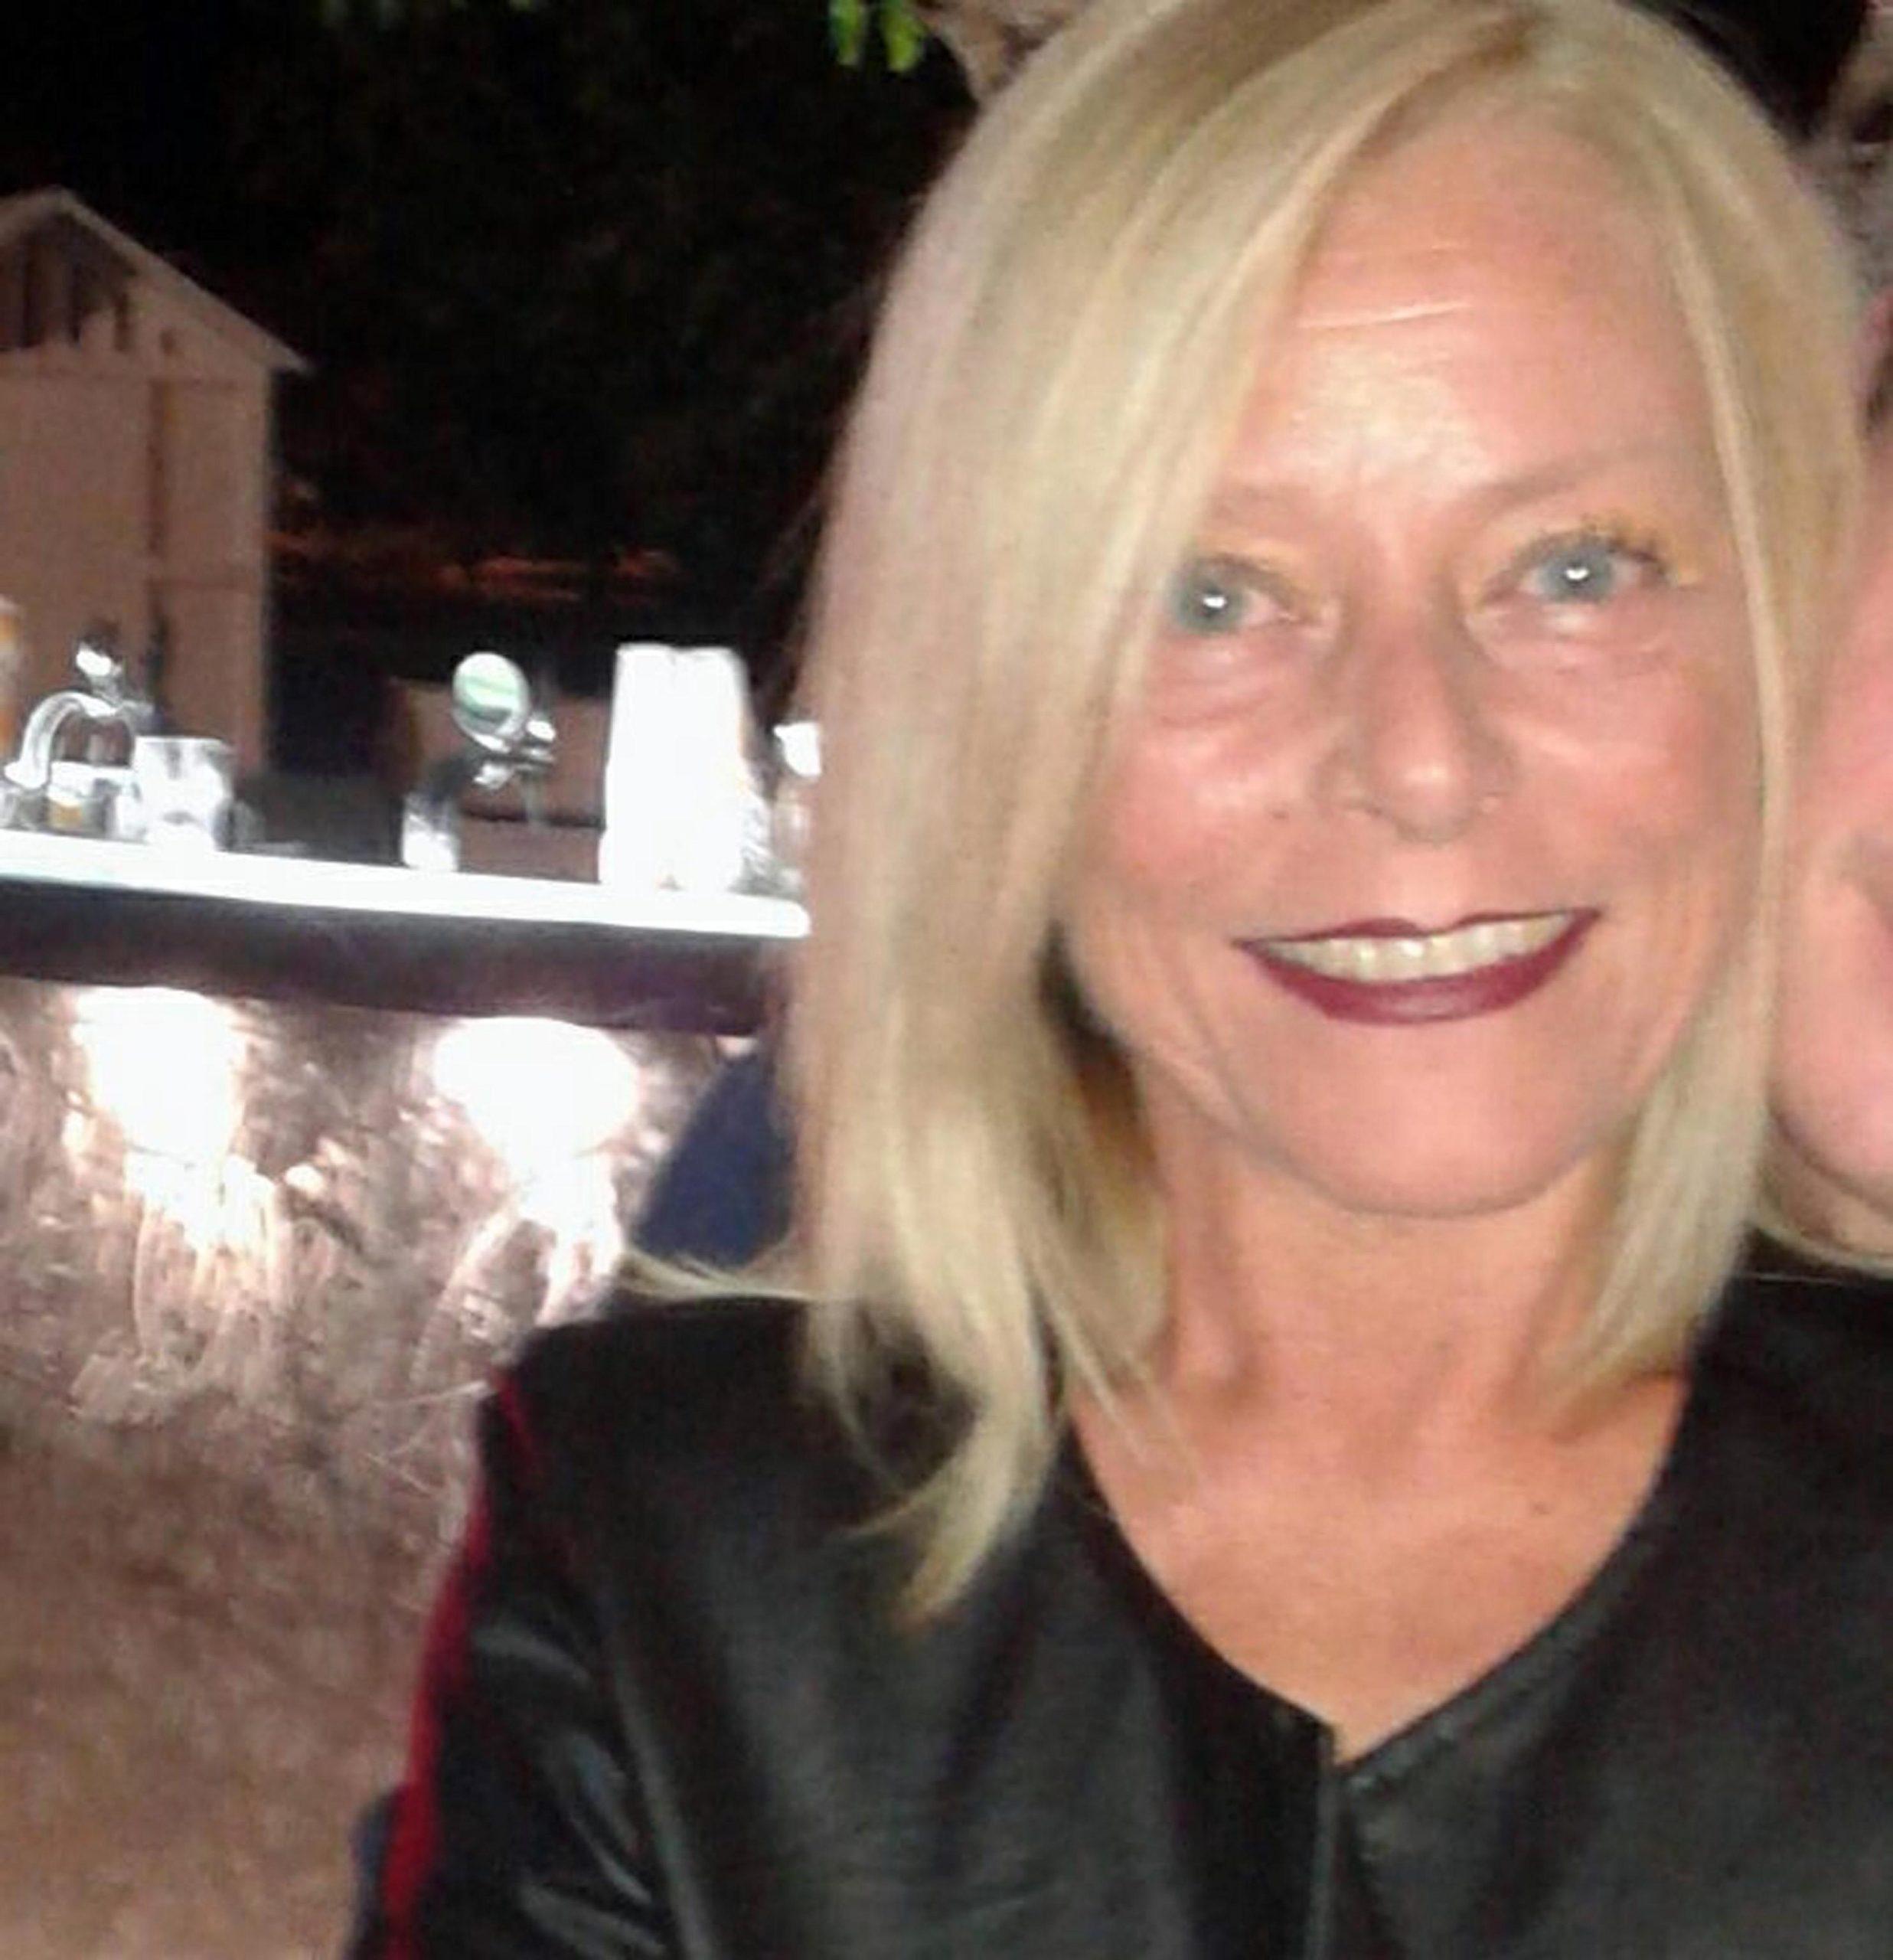 Omicidio a Pesaro: assassino fermato ha confessato di aver ucciso una donna di 52 anni